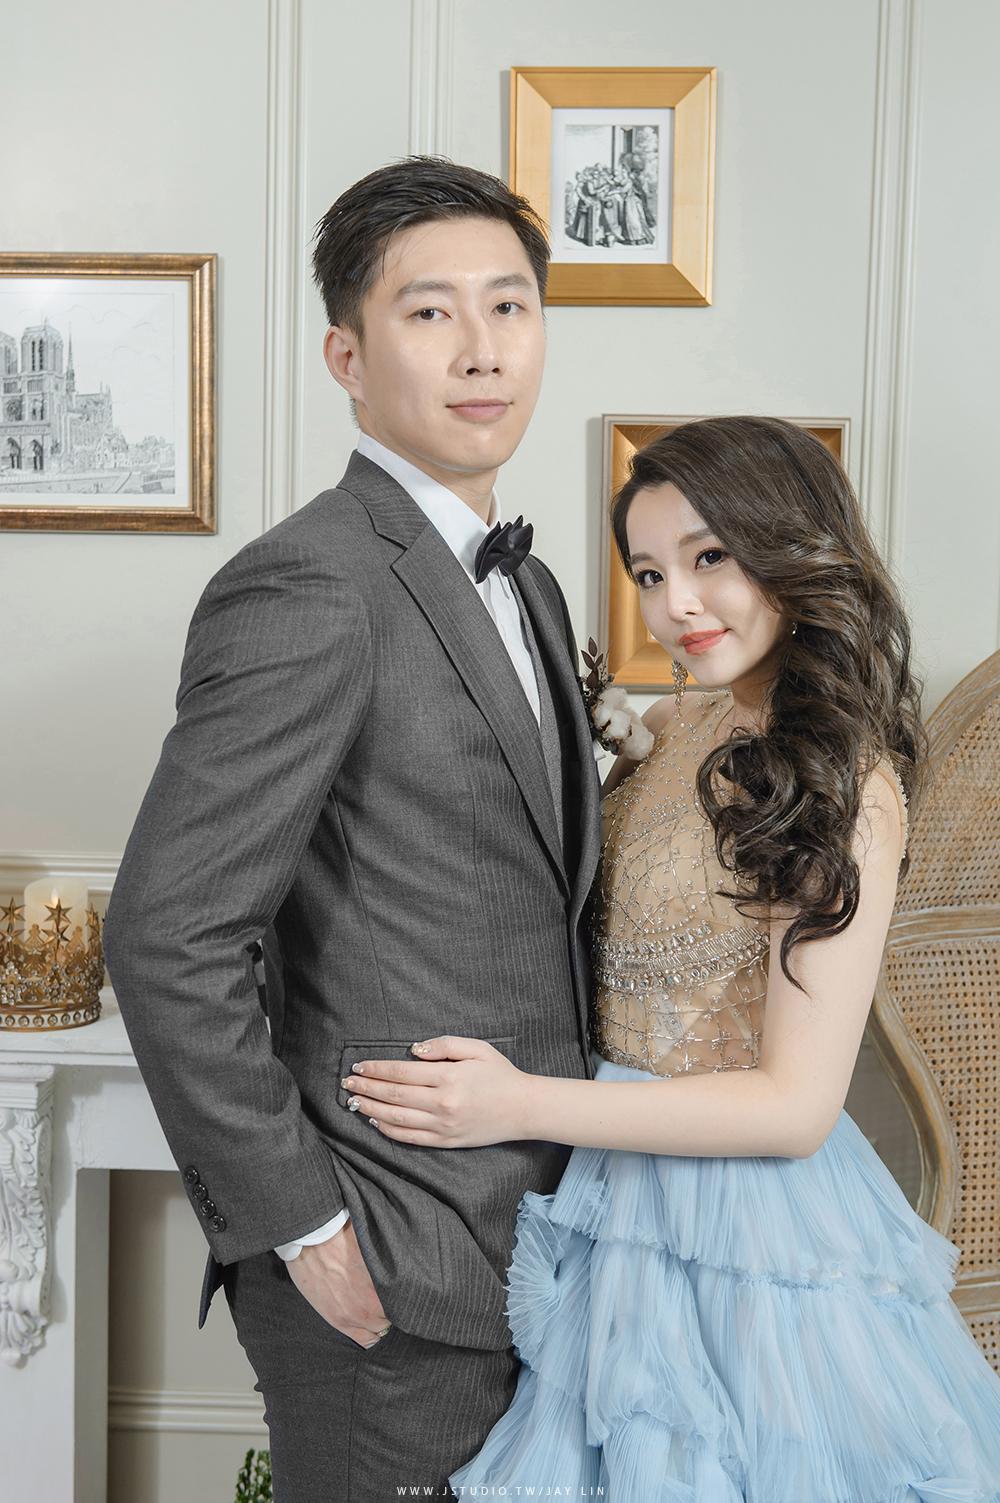 婚攝 台北婚攝 婚禮紀錄 婚攝 推薦婚攝 翡麗詩莊園 JSTUDIO_0114